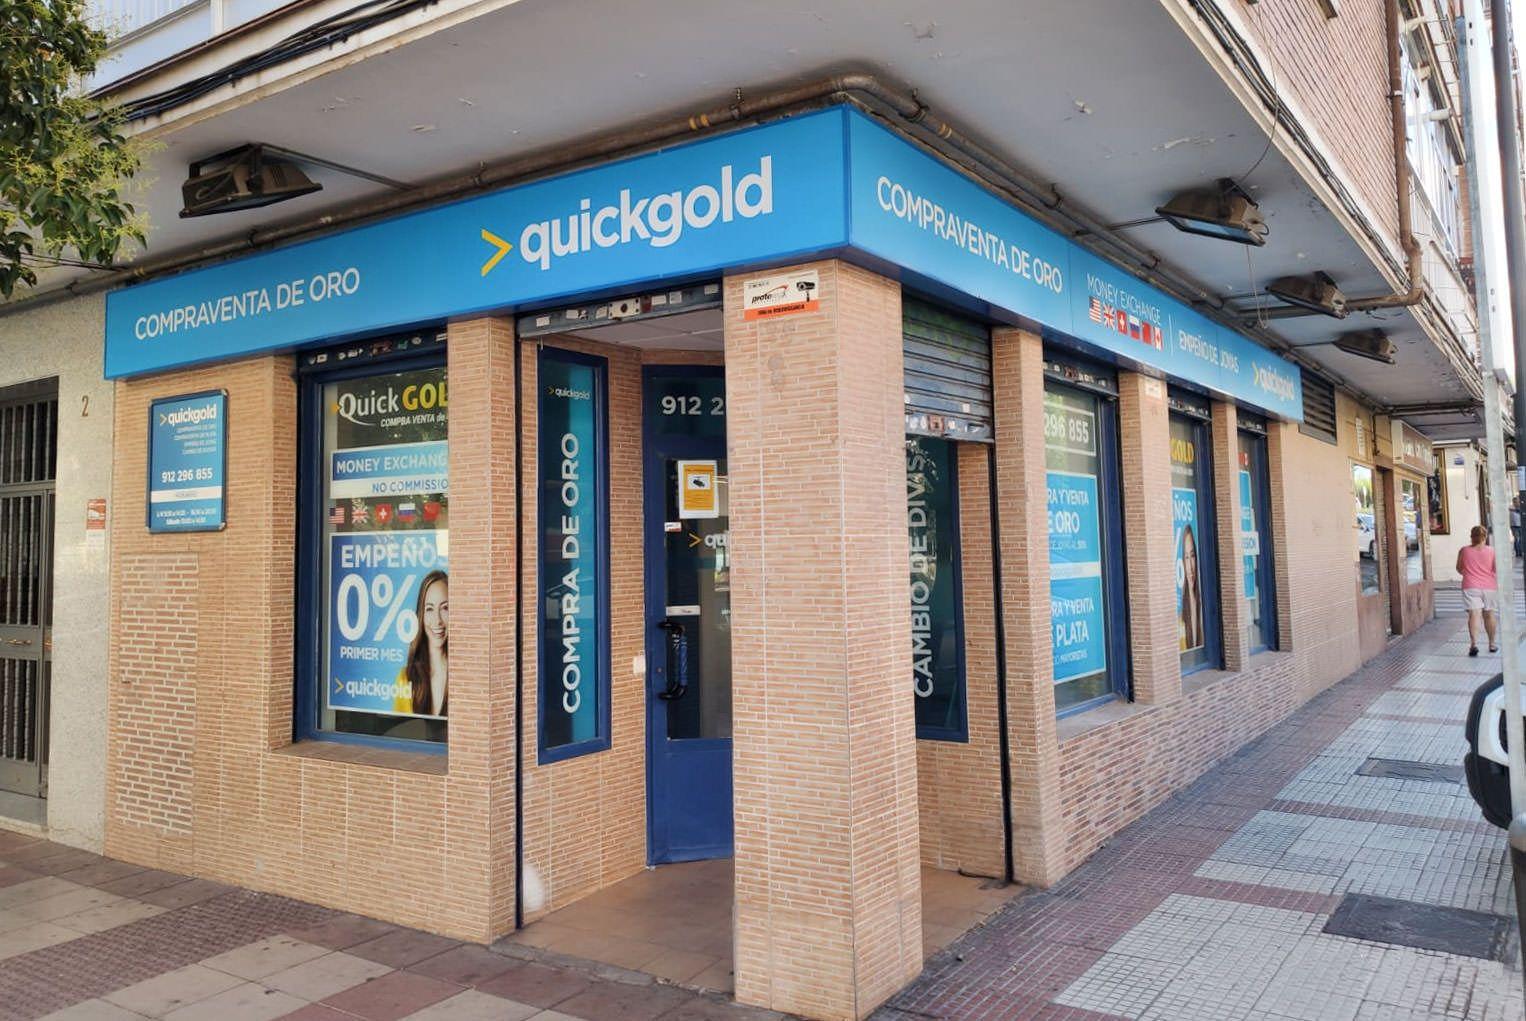 Quickgold Alcobendas - Tienda de compra de oro, empeños y cambio de divisas